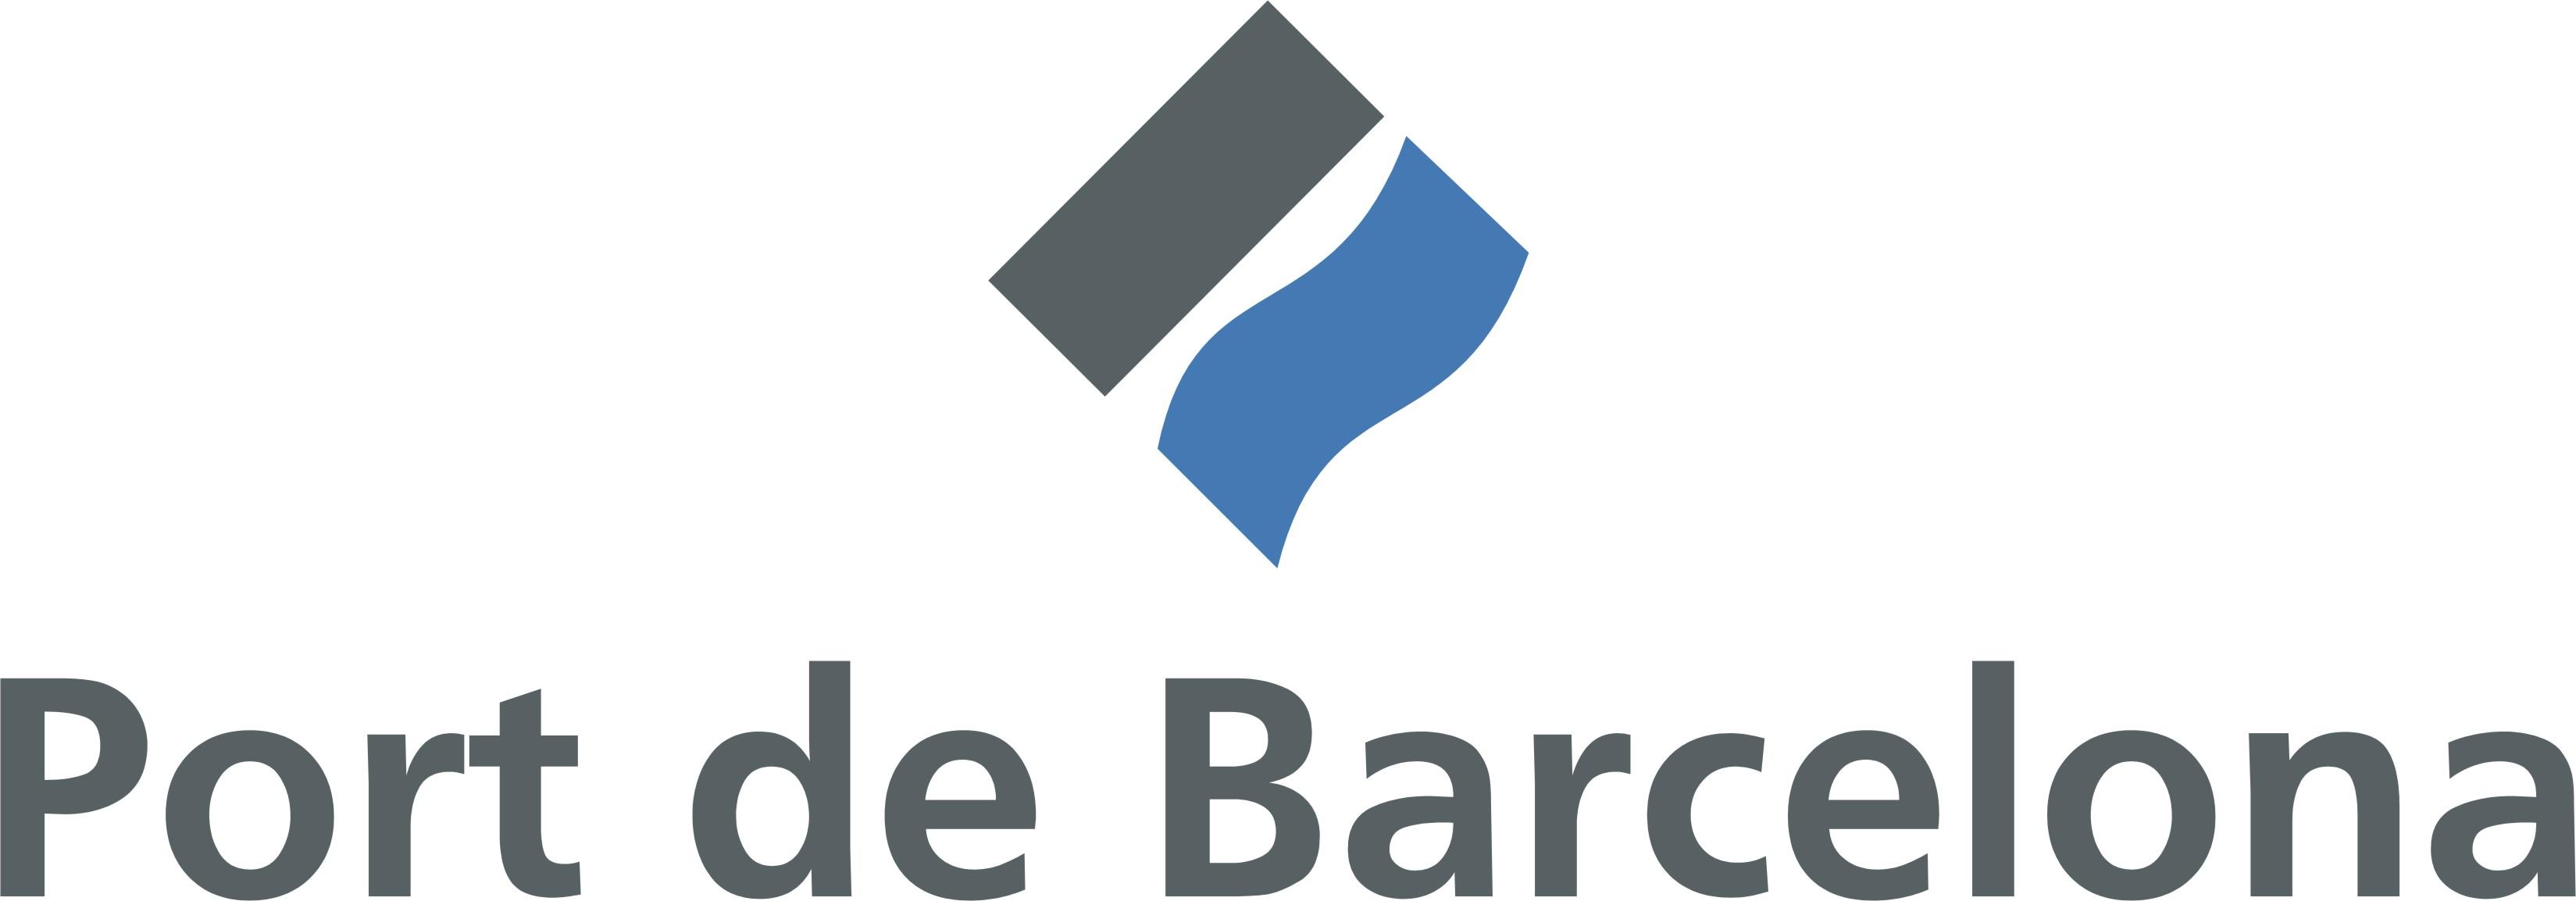 AUTORIDAD PORTUARIA DE BARCELONA – Representación sudamericana